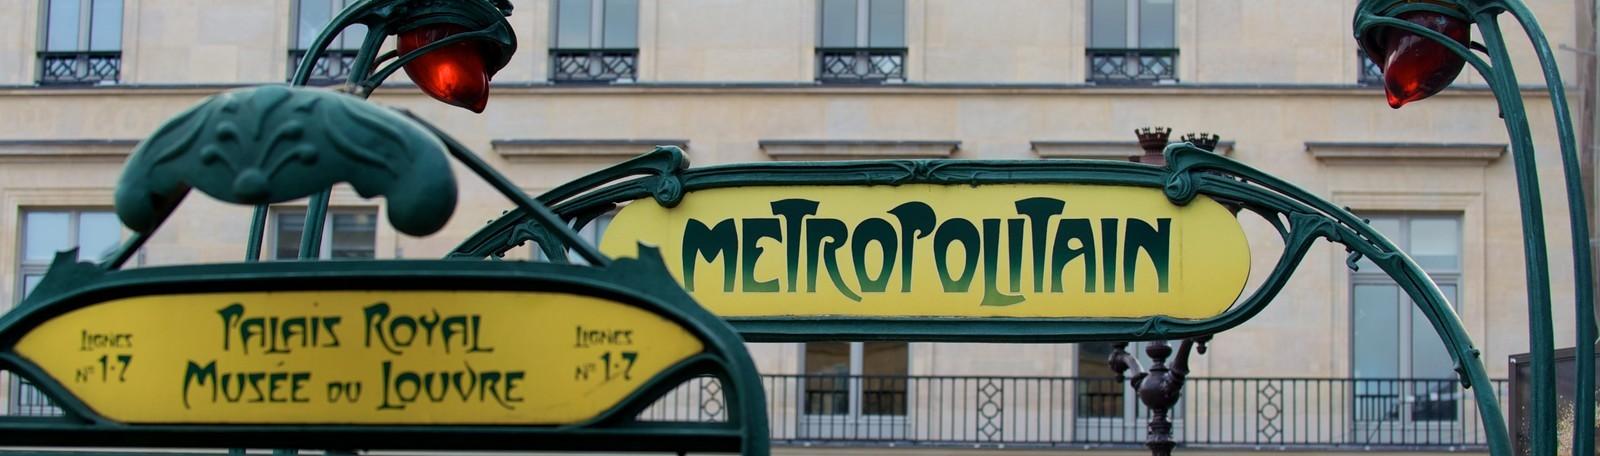 Parkeren Parijs Métro Palais Royal Musée du Louvre